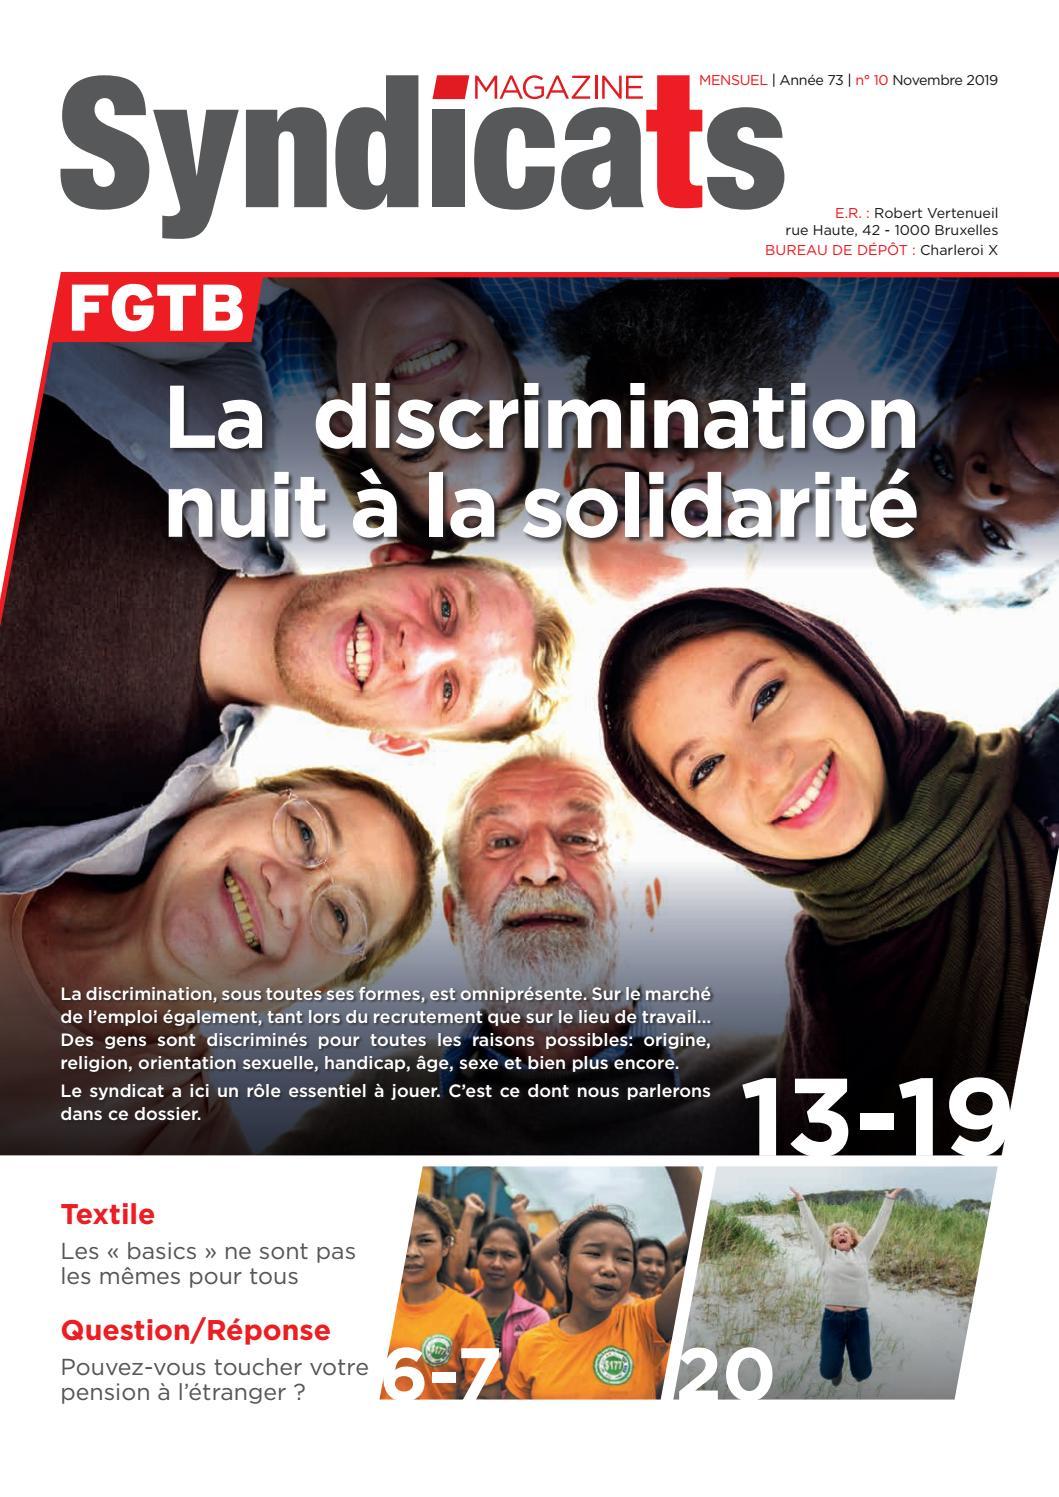 revoir femmes de loi speed dating vgl gay seznamovací síť